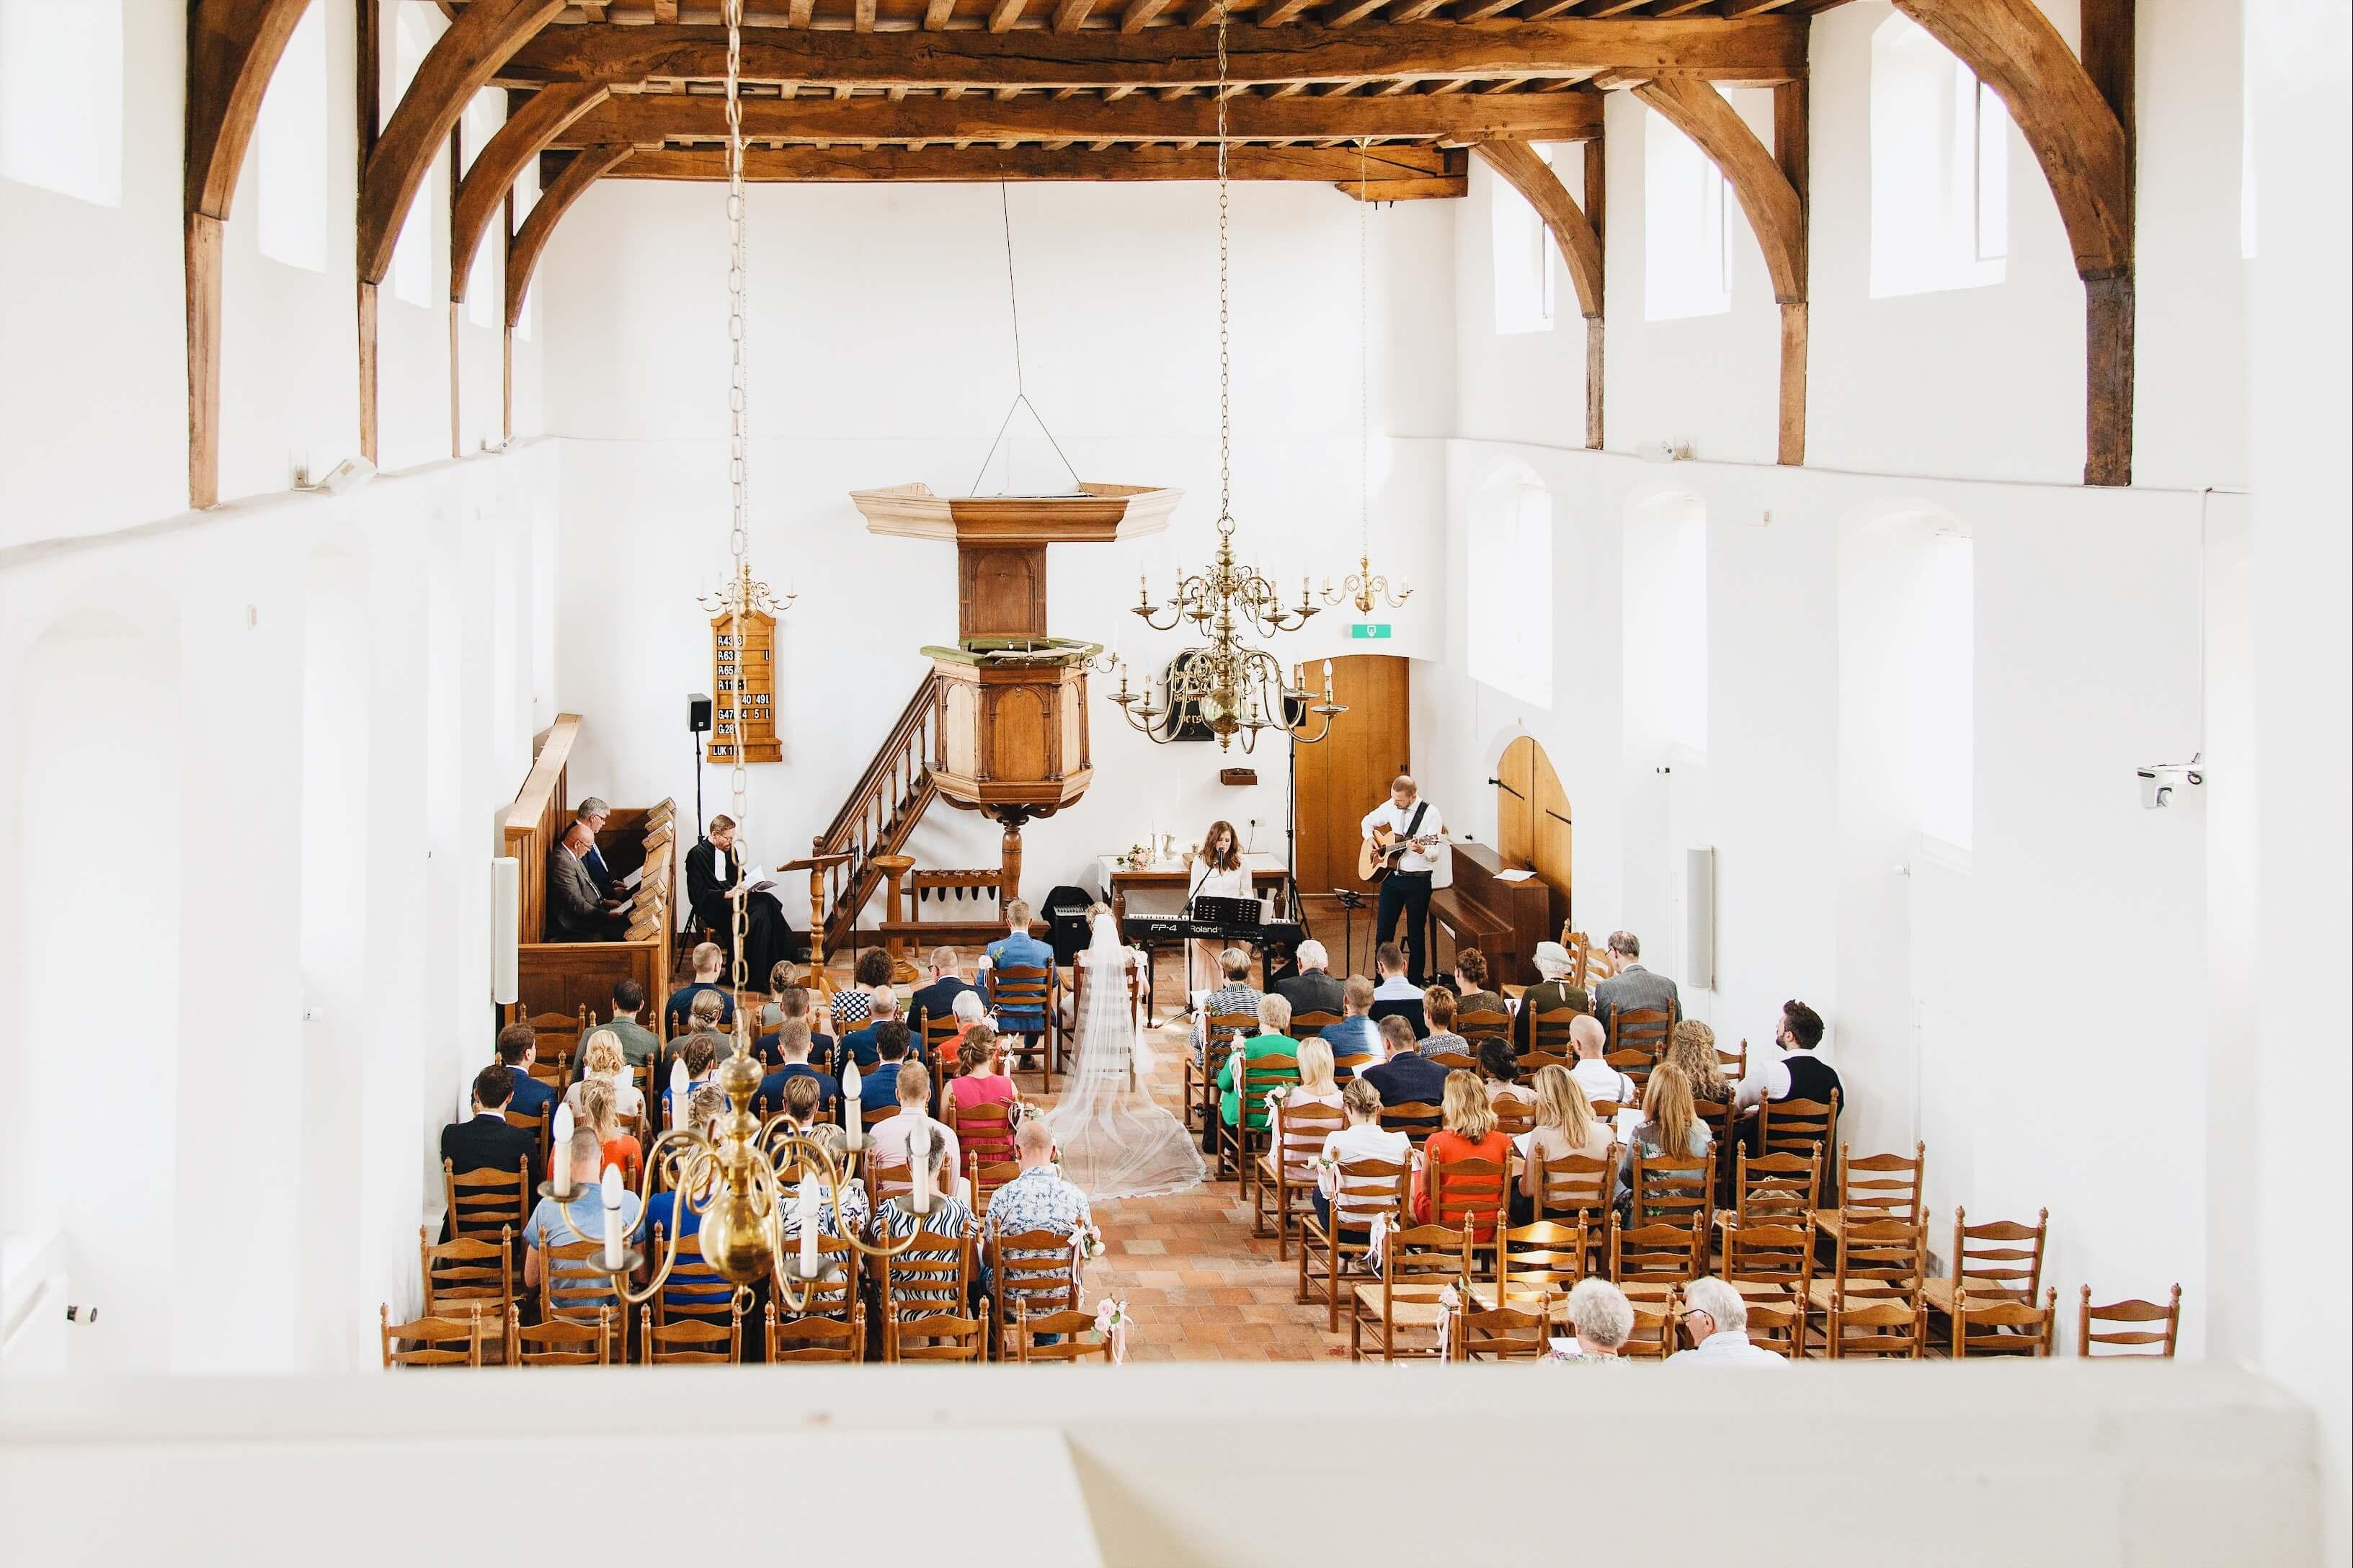 Zangeres kerkelijke ceremonie